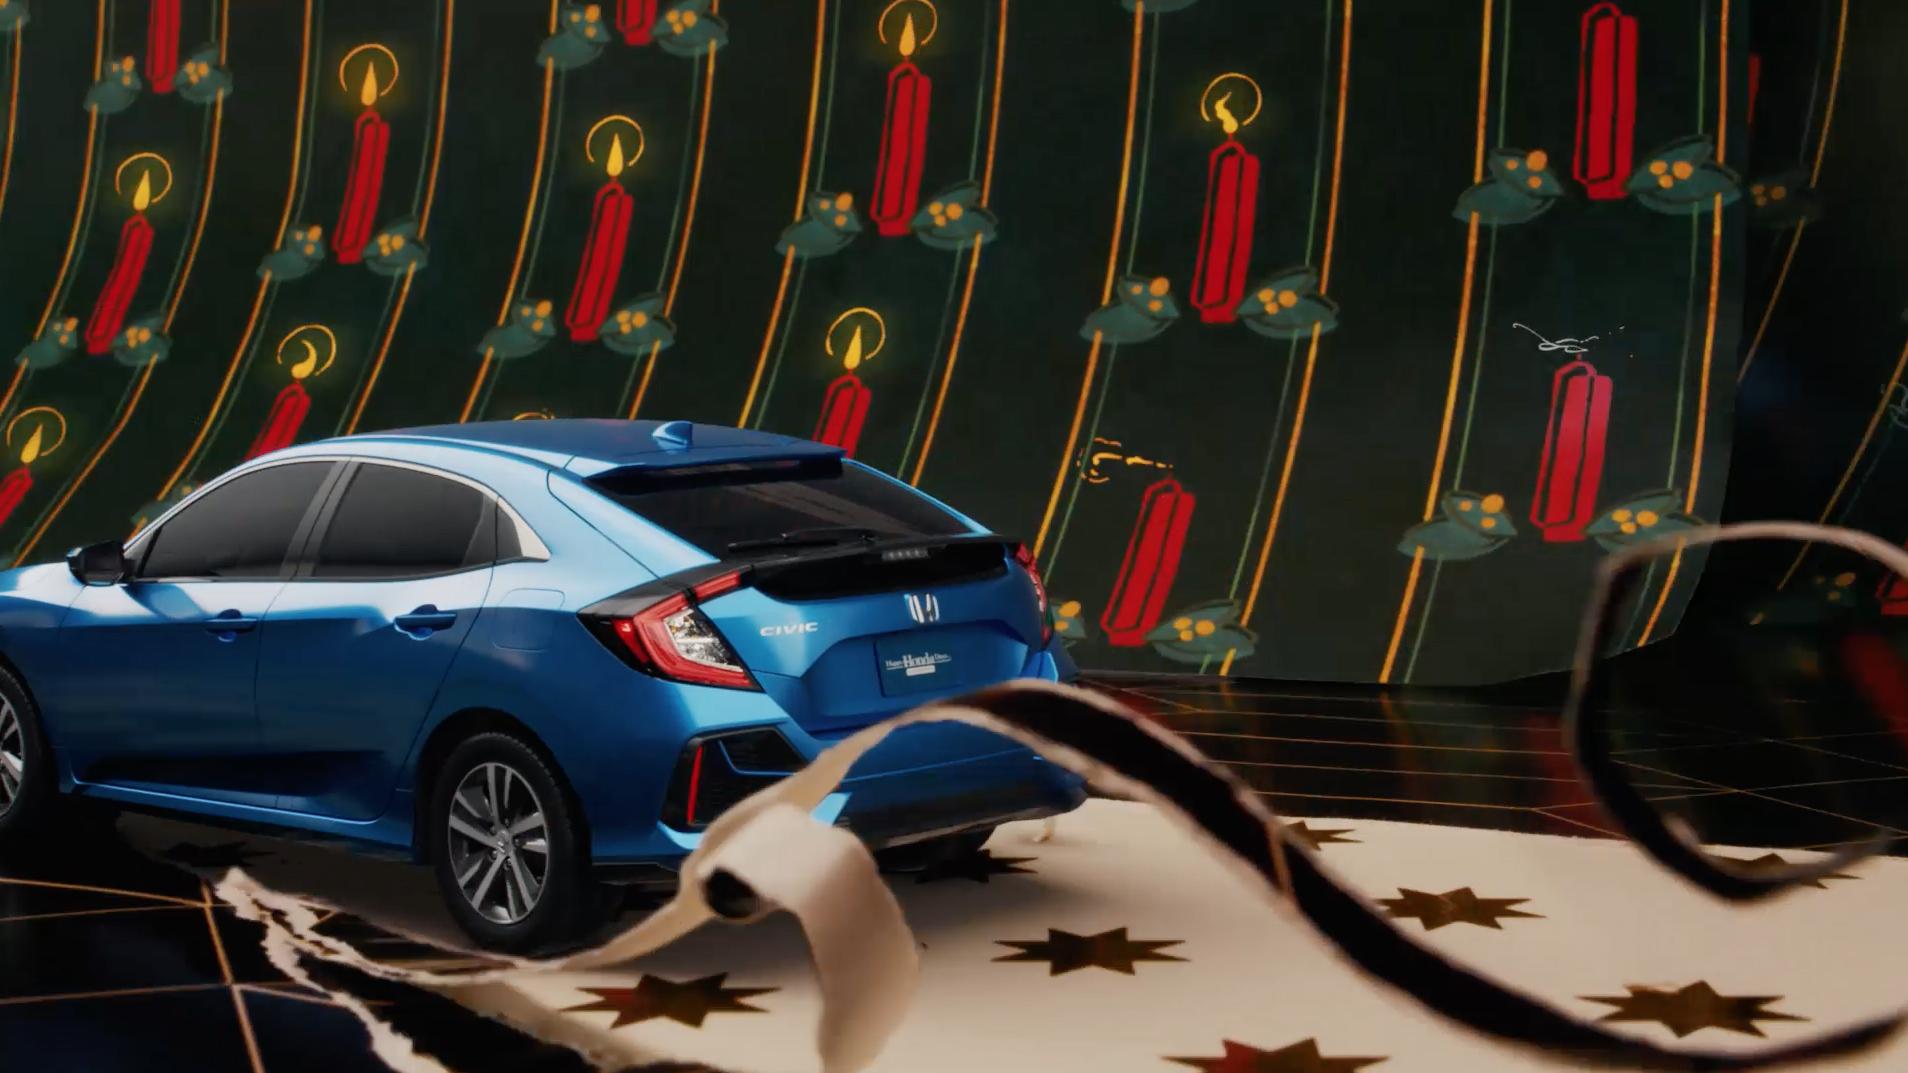 Honda WrappingPaper SUV T03 30 HornetStudio Hornet